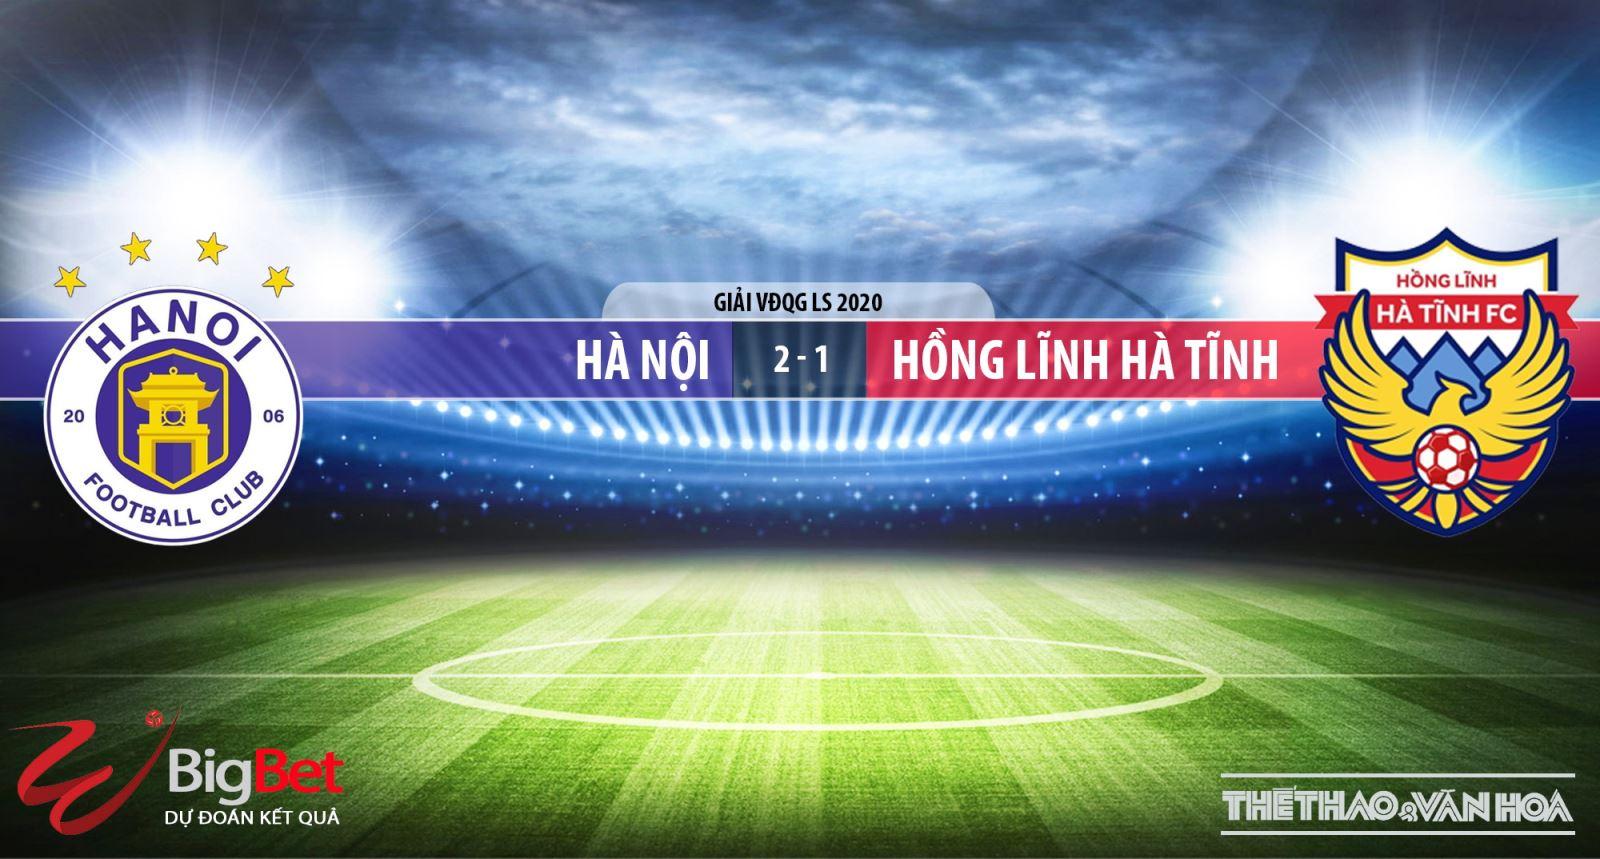 Keo nha cai, kèo nhà cái, Hà Nội vs Hà Tĩnh, trực tiếp bóng đá, trực tiếp V-League 2020, soi kèo nhà cái, soi kèo Hà Nội đấu với Hà Tĩnh, kèo Hà Nội, TTTV, kèo bóng đá